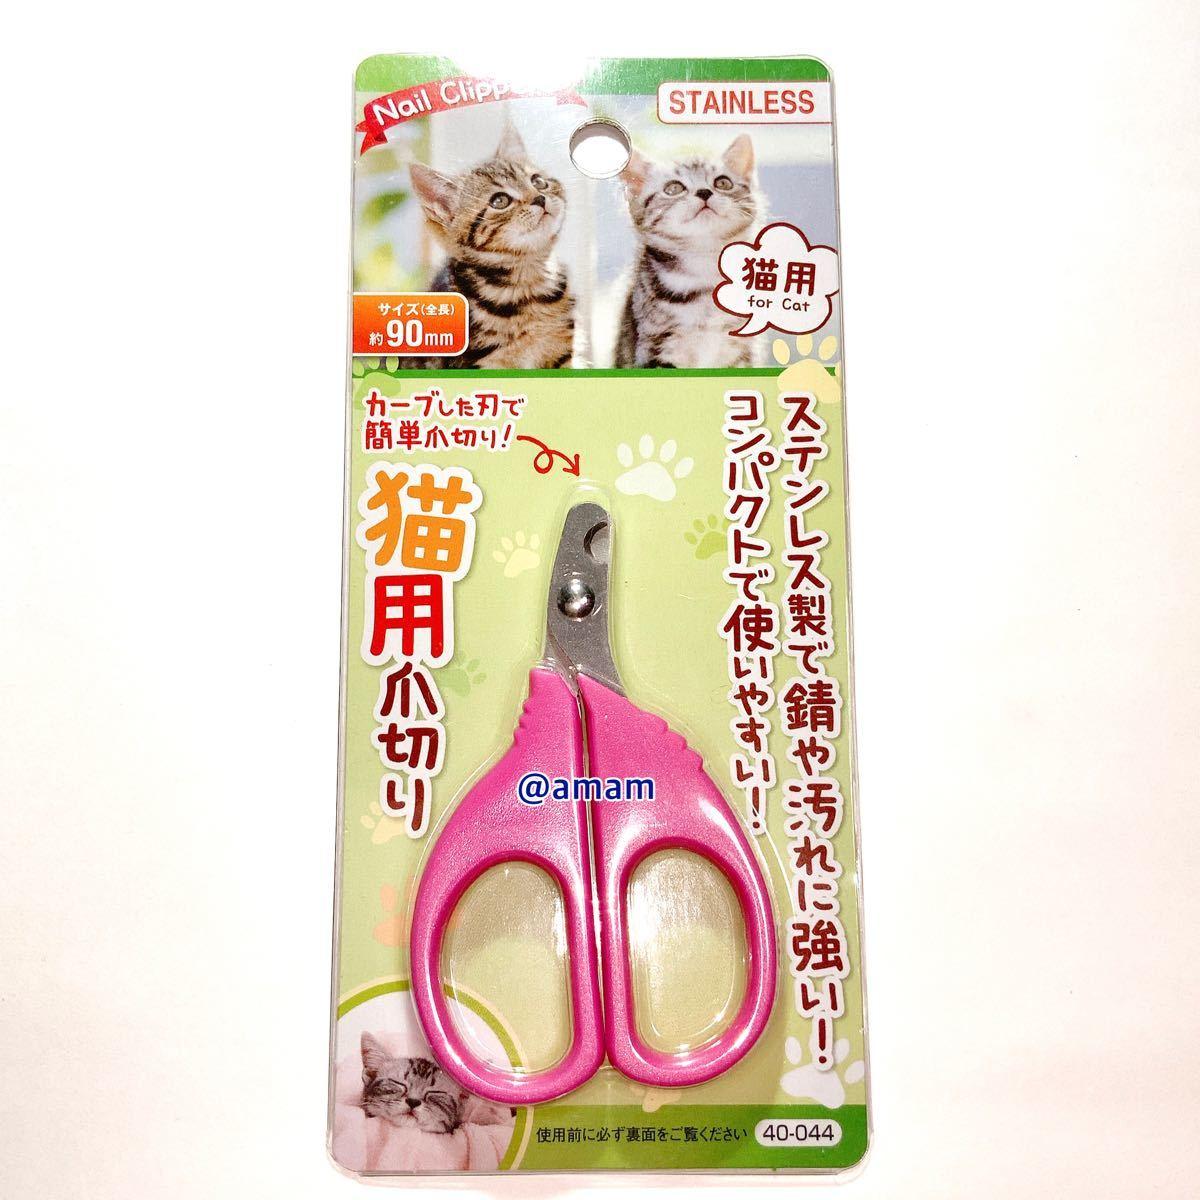 猫 爪切り つめきり つめ切り 爪 猫用爪切り 猫用品 ペット